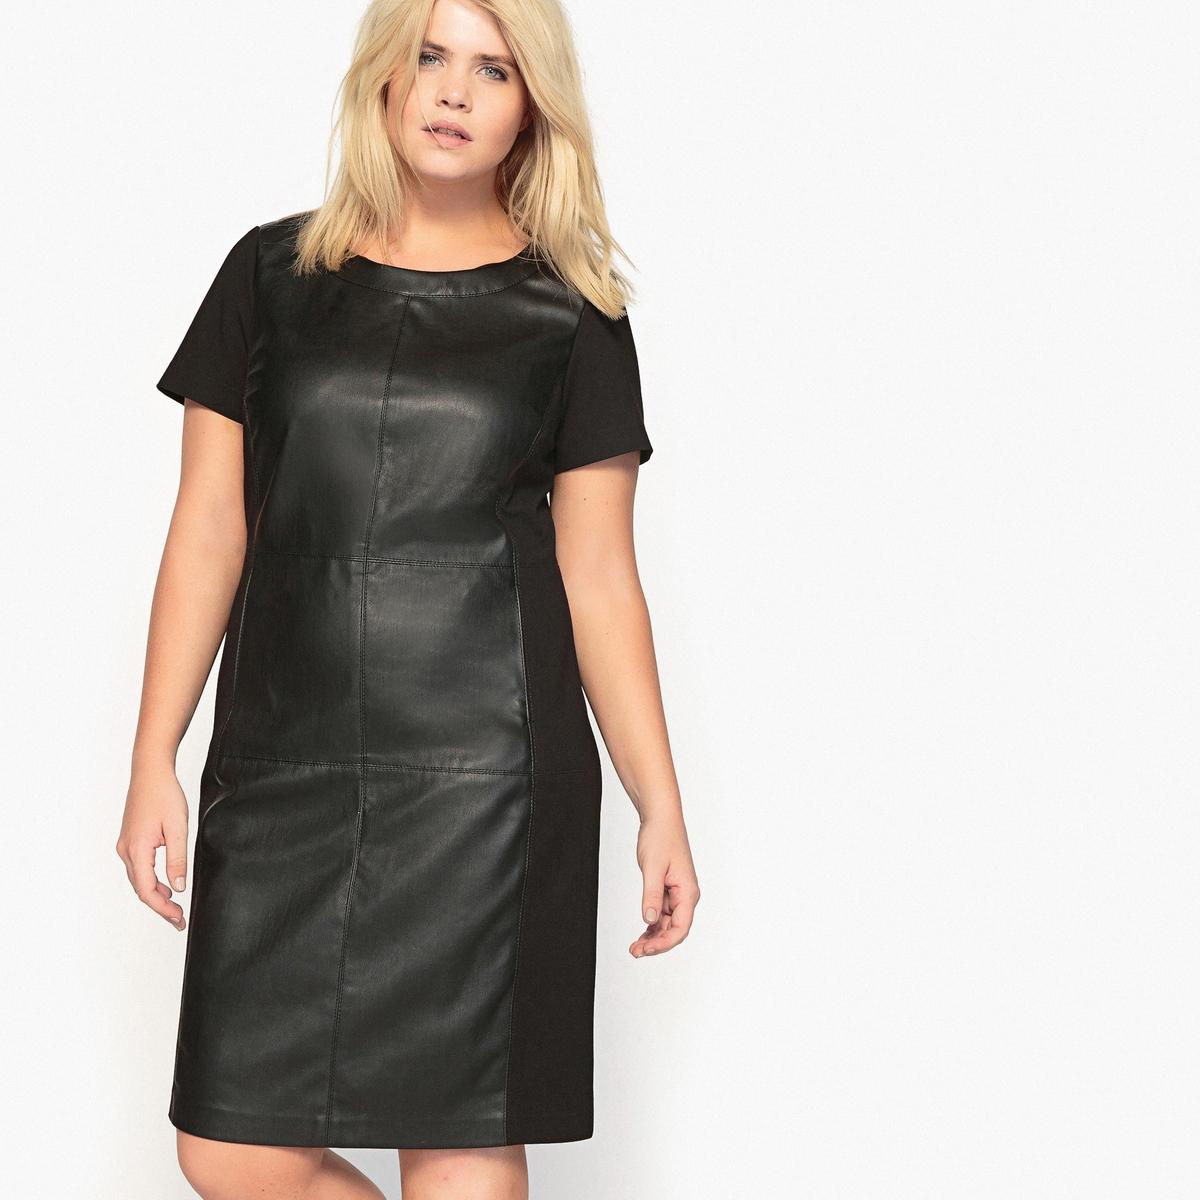 Платье прямое из искусственной кожиОписание:Маленькое черное платье, о котором все мы так мечтаем. С современными вставками из искусственной кожи. Это черное платье незаменимо в гардеробе.Детали •  Форма : прямая •  Длина до колен •  Короткие рукава    •  Круглый вырезСостав и уход •  66% вискозы, 3% эластана, 31% полиамида •  Температура стирки при 30° на деликатном режиме •  Сухая чистка и отбеливатели запрещены •  Не использовать барабанную сушку •  Низкая температура глажкиТовар из коллекции больших размеров •  Из двух материалов. •  Вставки из искусственной кожи спереди. •  Длина  : 103,8 см<br><br>Цвет: черный<br>Размер: 46 (FR) - 52 (RUS).54 (FR) - 60 (RUS)